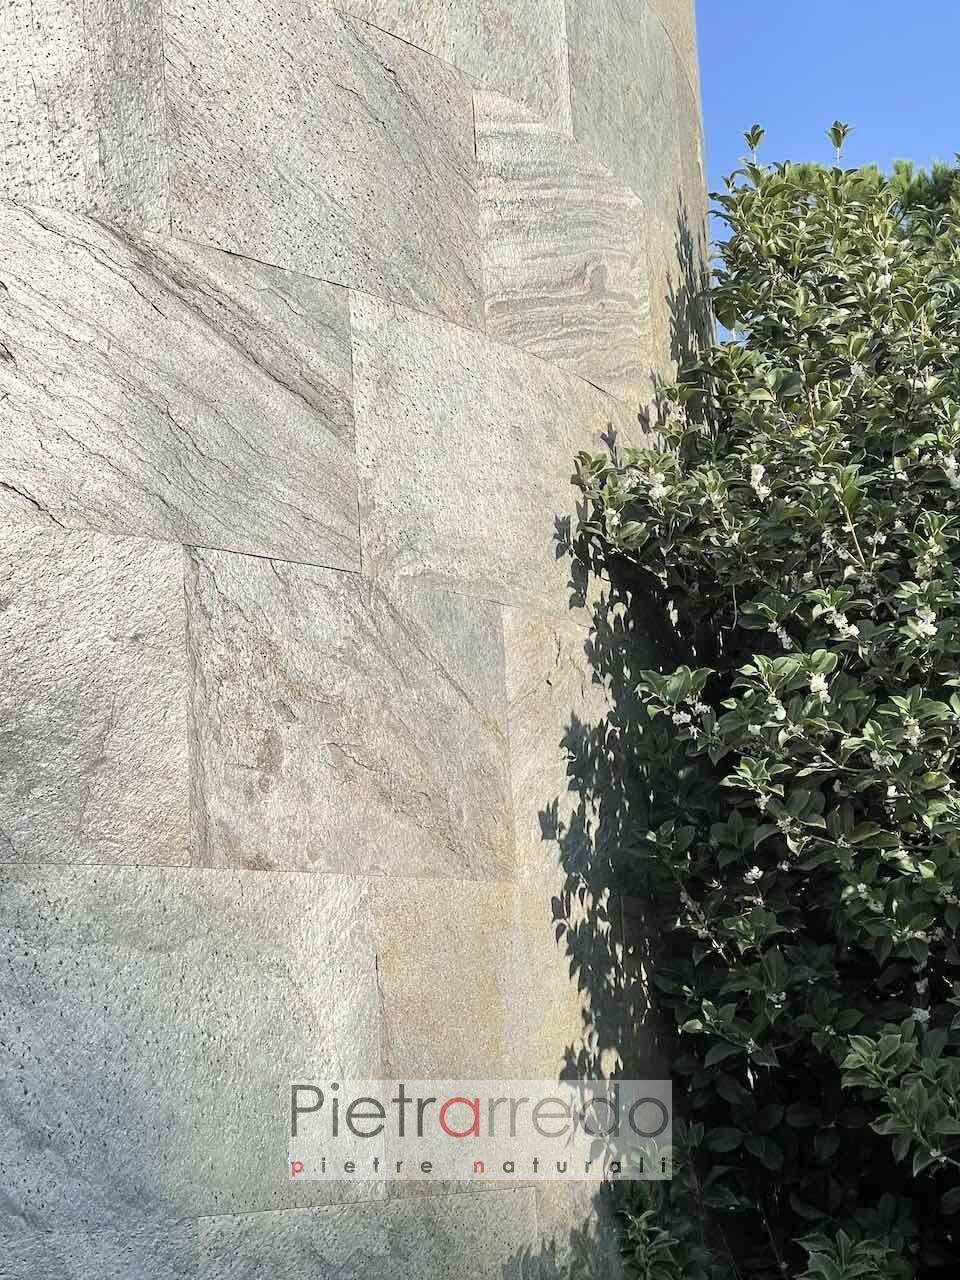 Rivestimento in pietra naturale per pareti tonde rotonde gold green pietrarredo fogli sottili prezzo